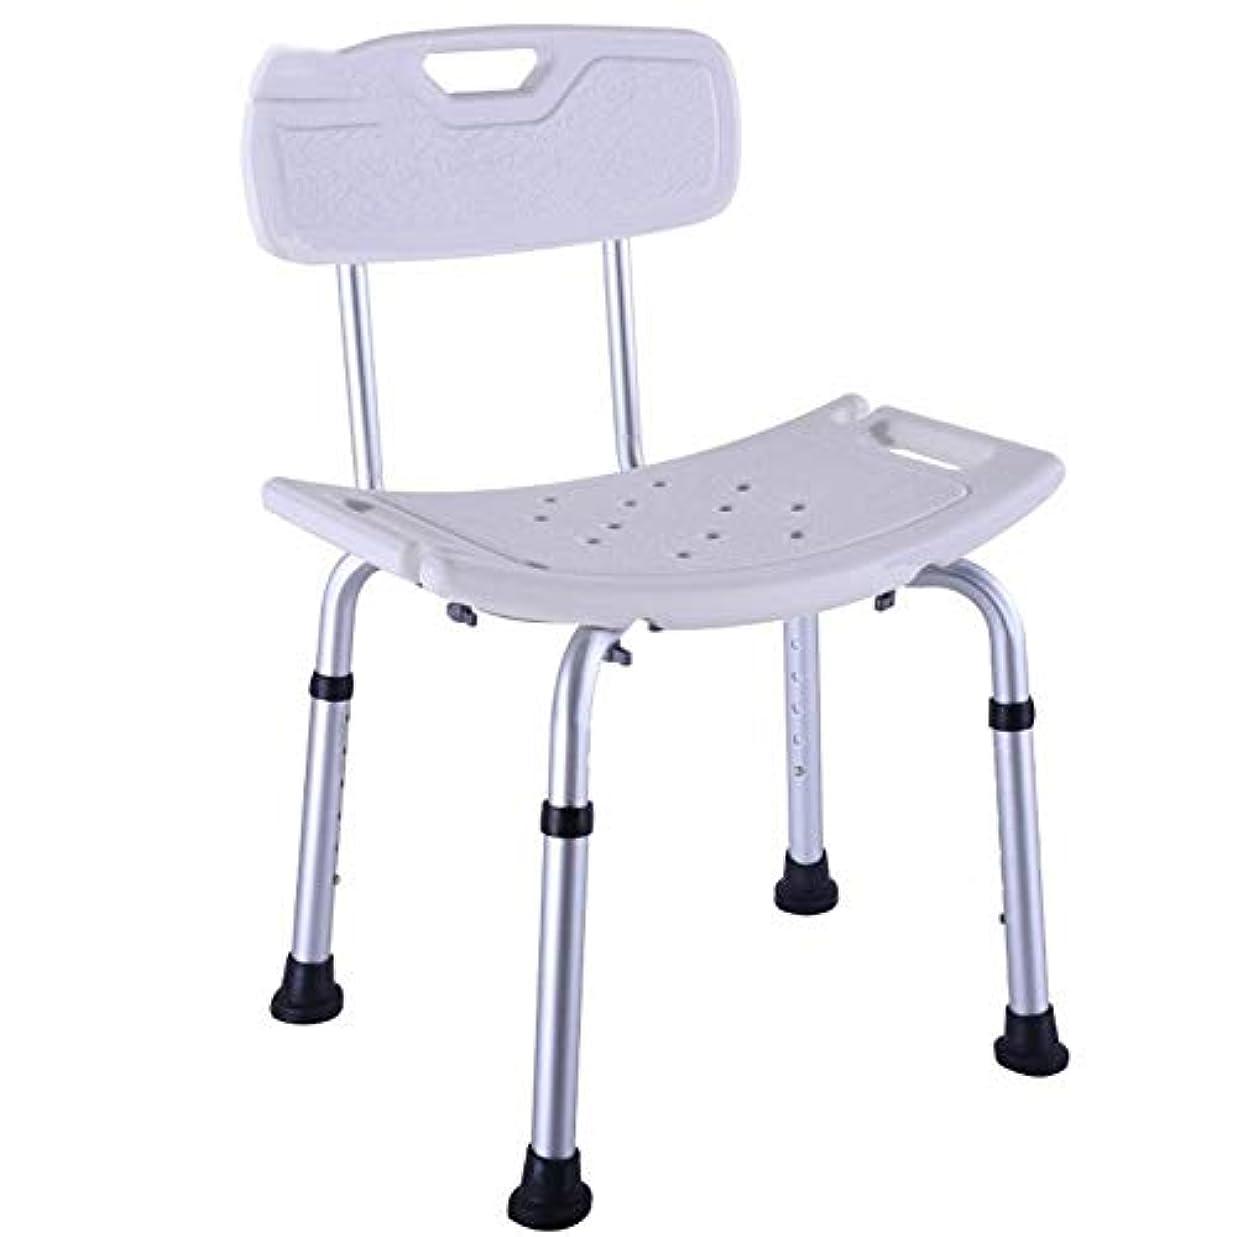 挑む釈義目的高齢者のための調節可能な高さのシャワーチェア